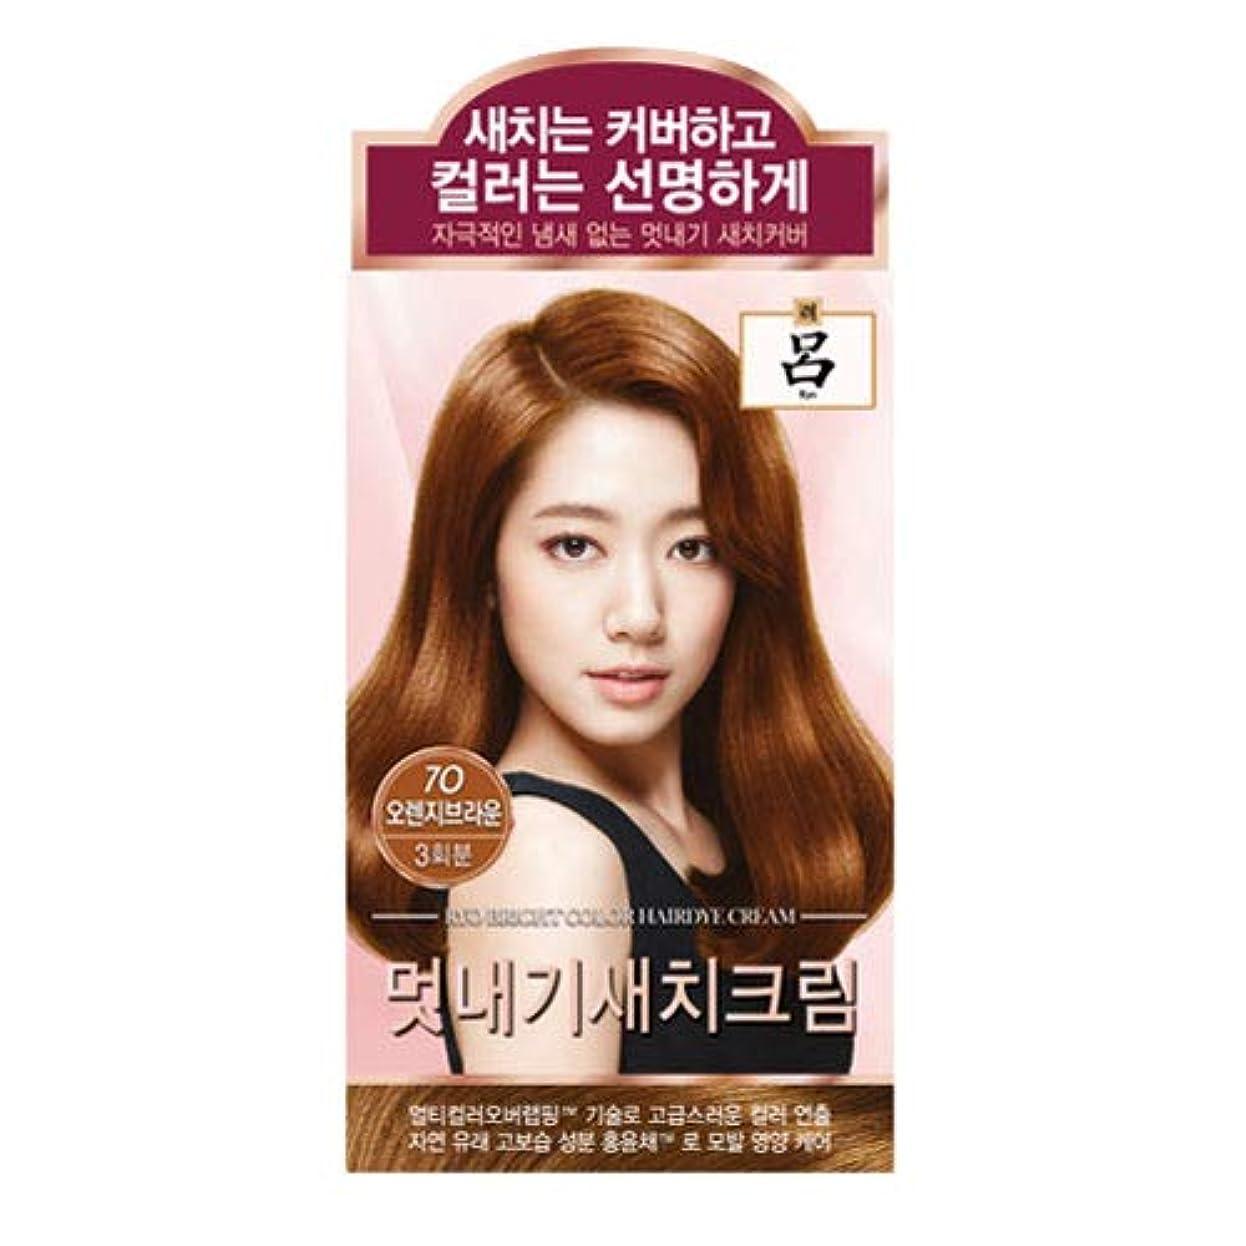 台無しに殺します生産的アモーレパシフィック呂[AMOREPACIFIC/Ryo] ブライトカラーヘアアイクリーム 7O オレンジブラウン/Bright Color Hairdye Cream 7O Orange Brown